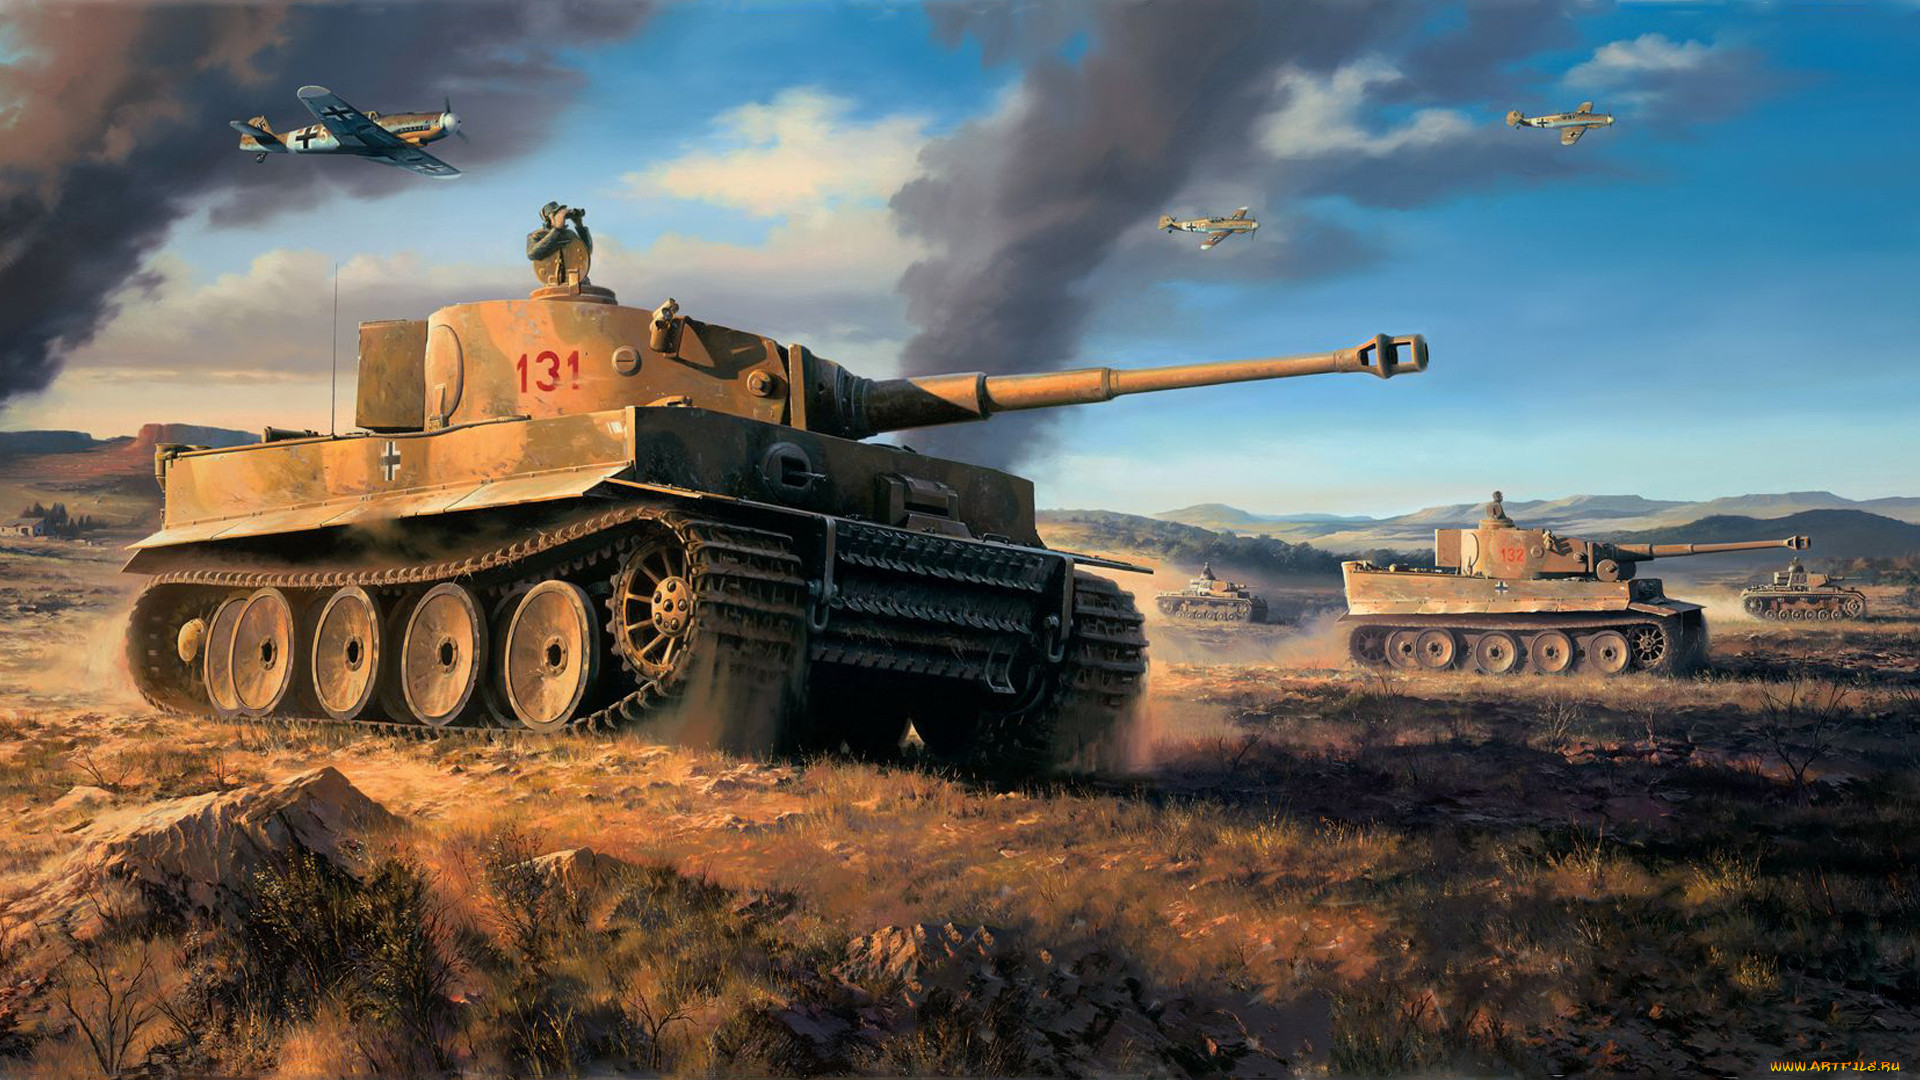 Картинки на рабочий стол танковый бой